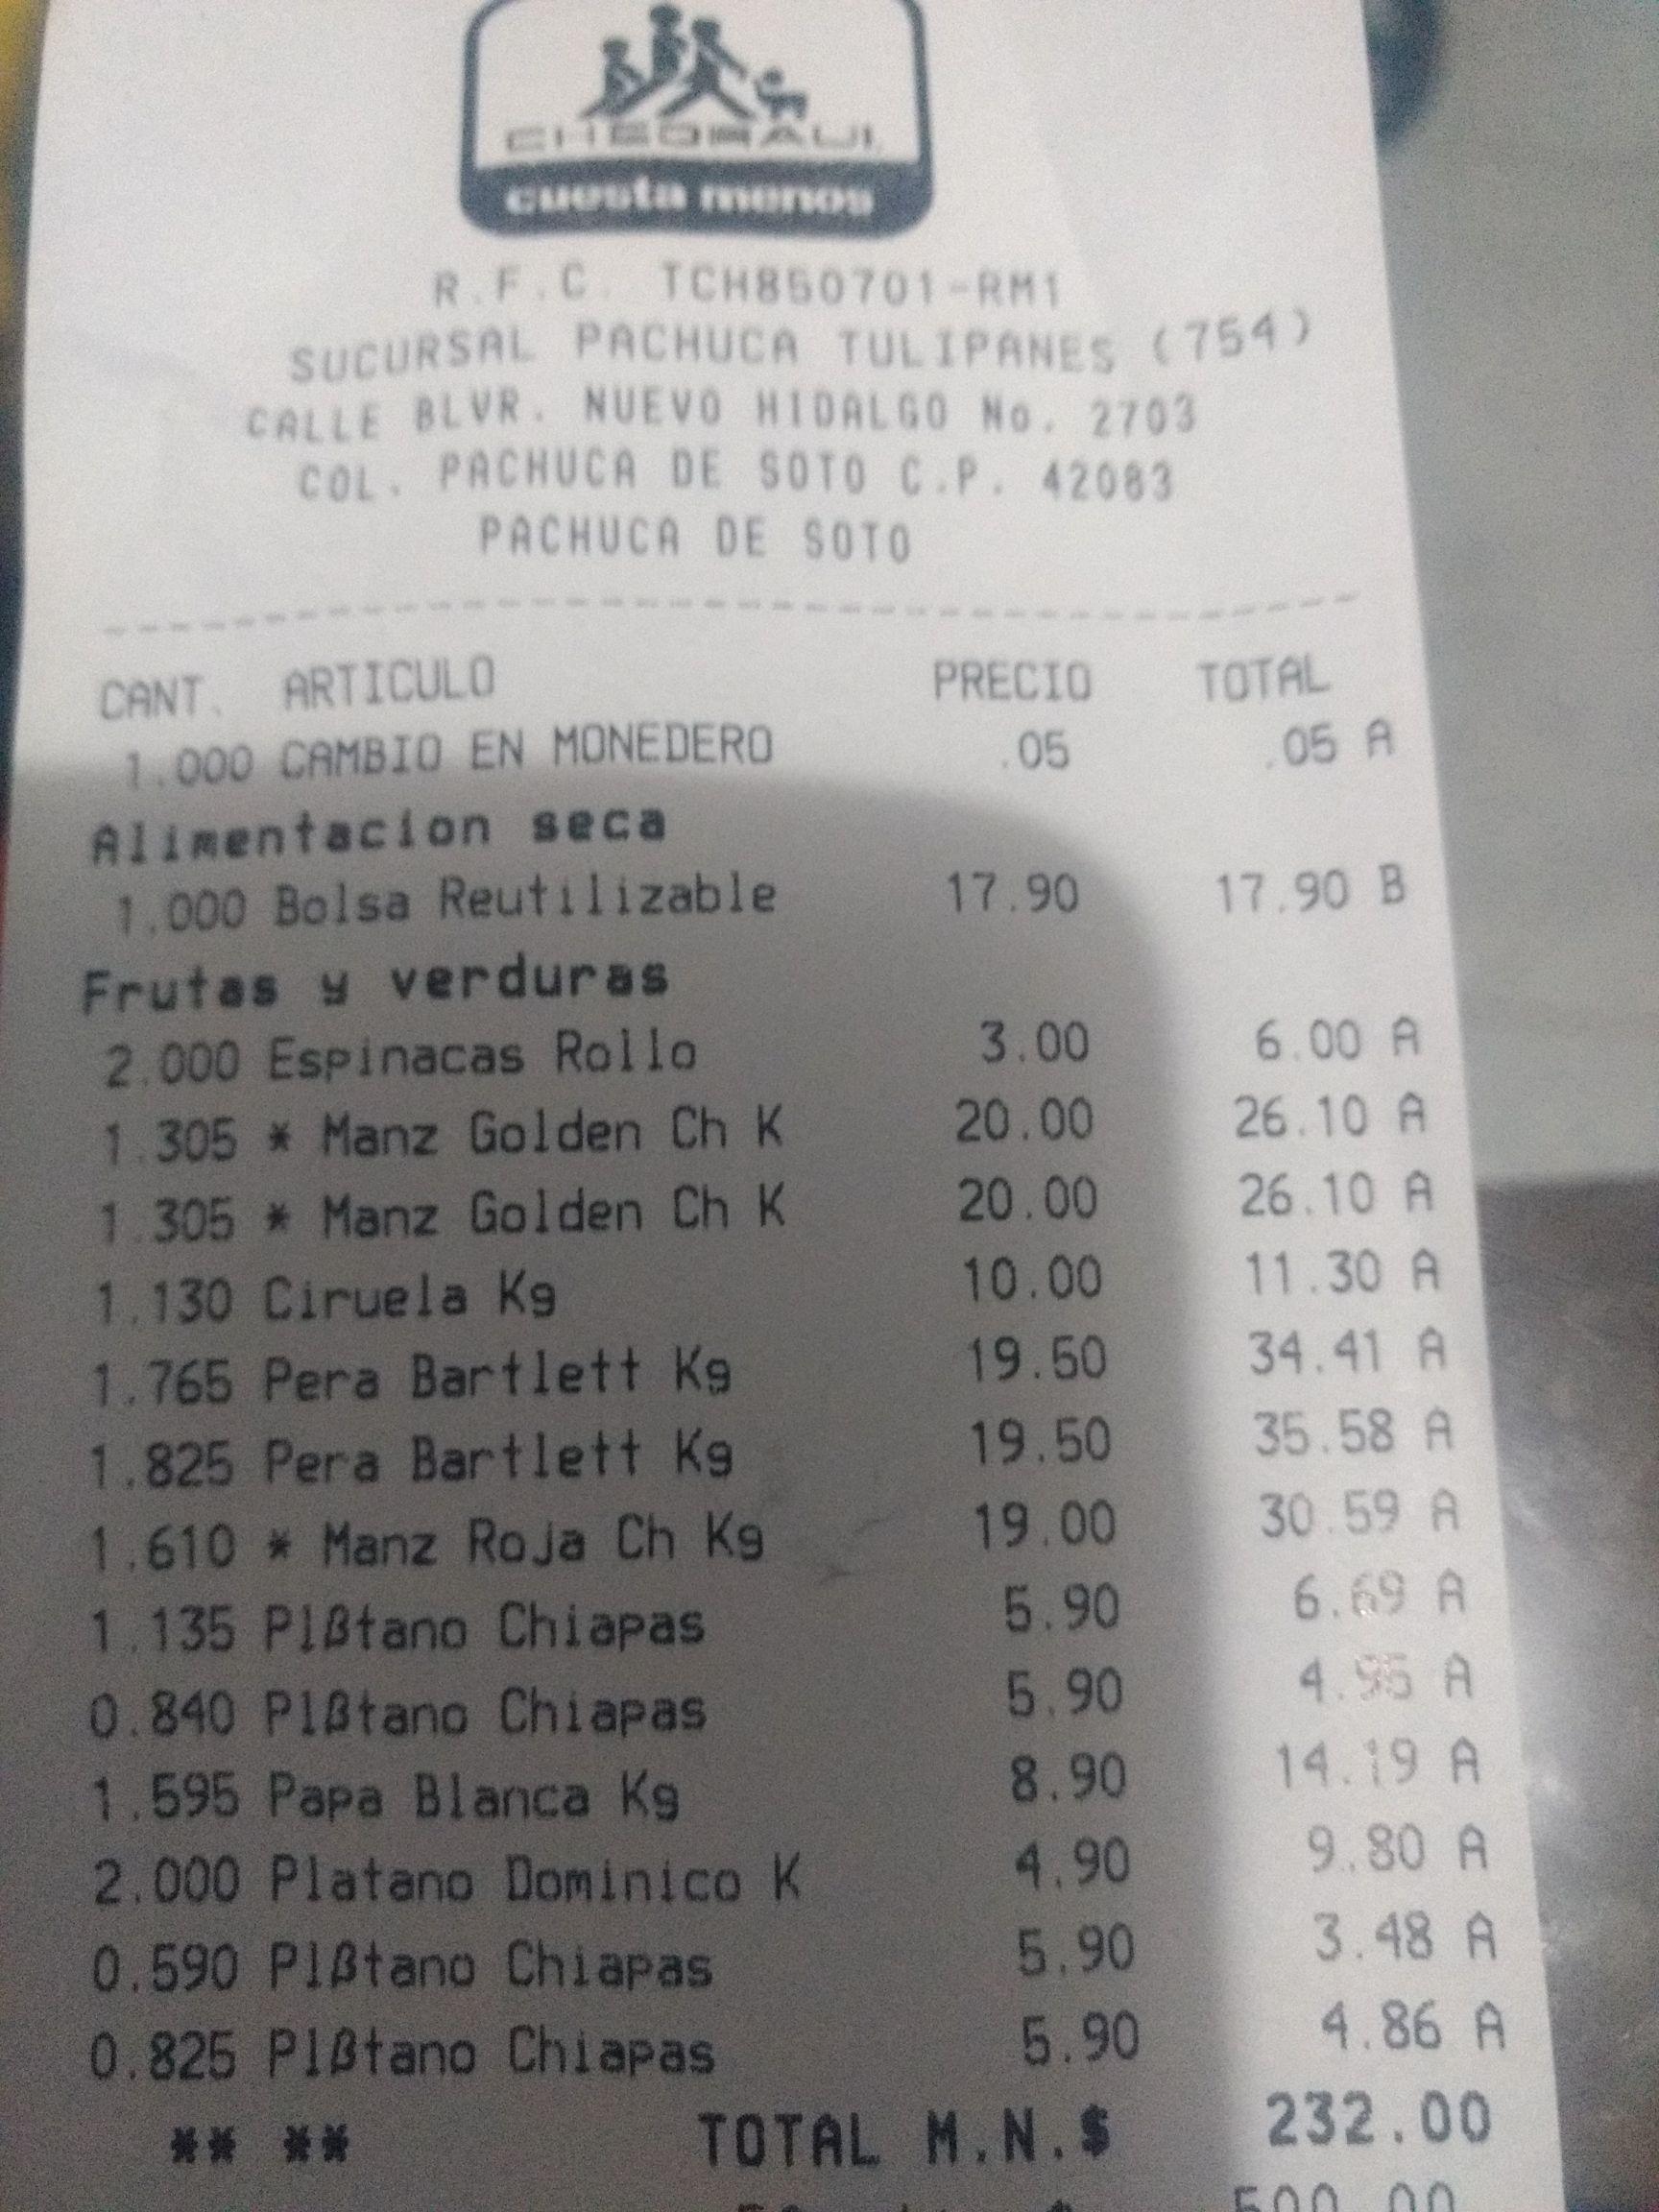 Chedraui Tulipanes PACHUCA/UNICAMENTE: Ofertas frutas y verduras